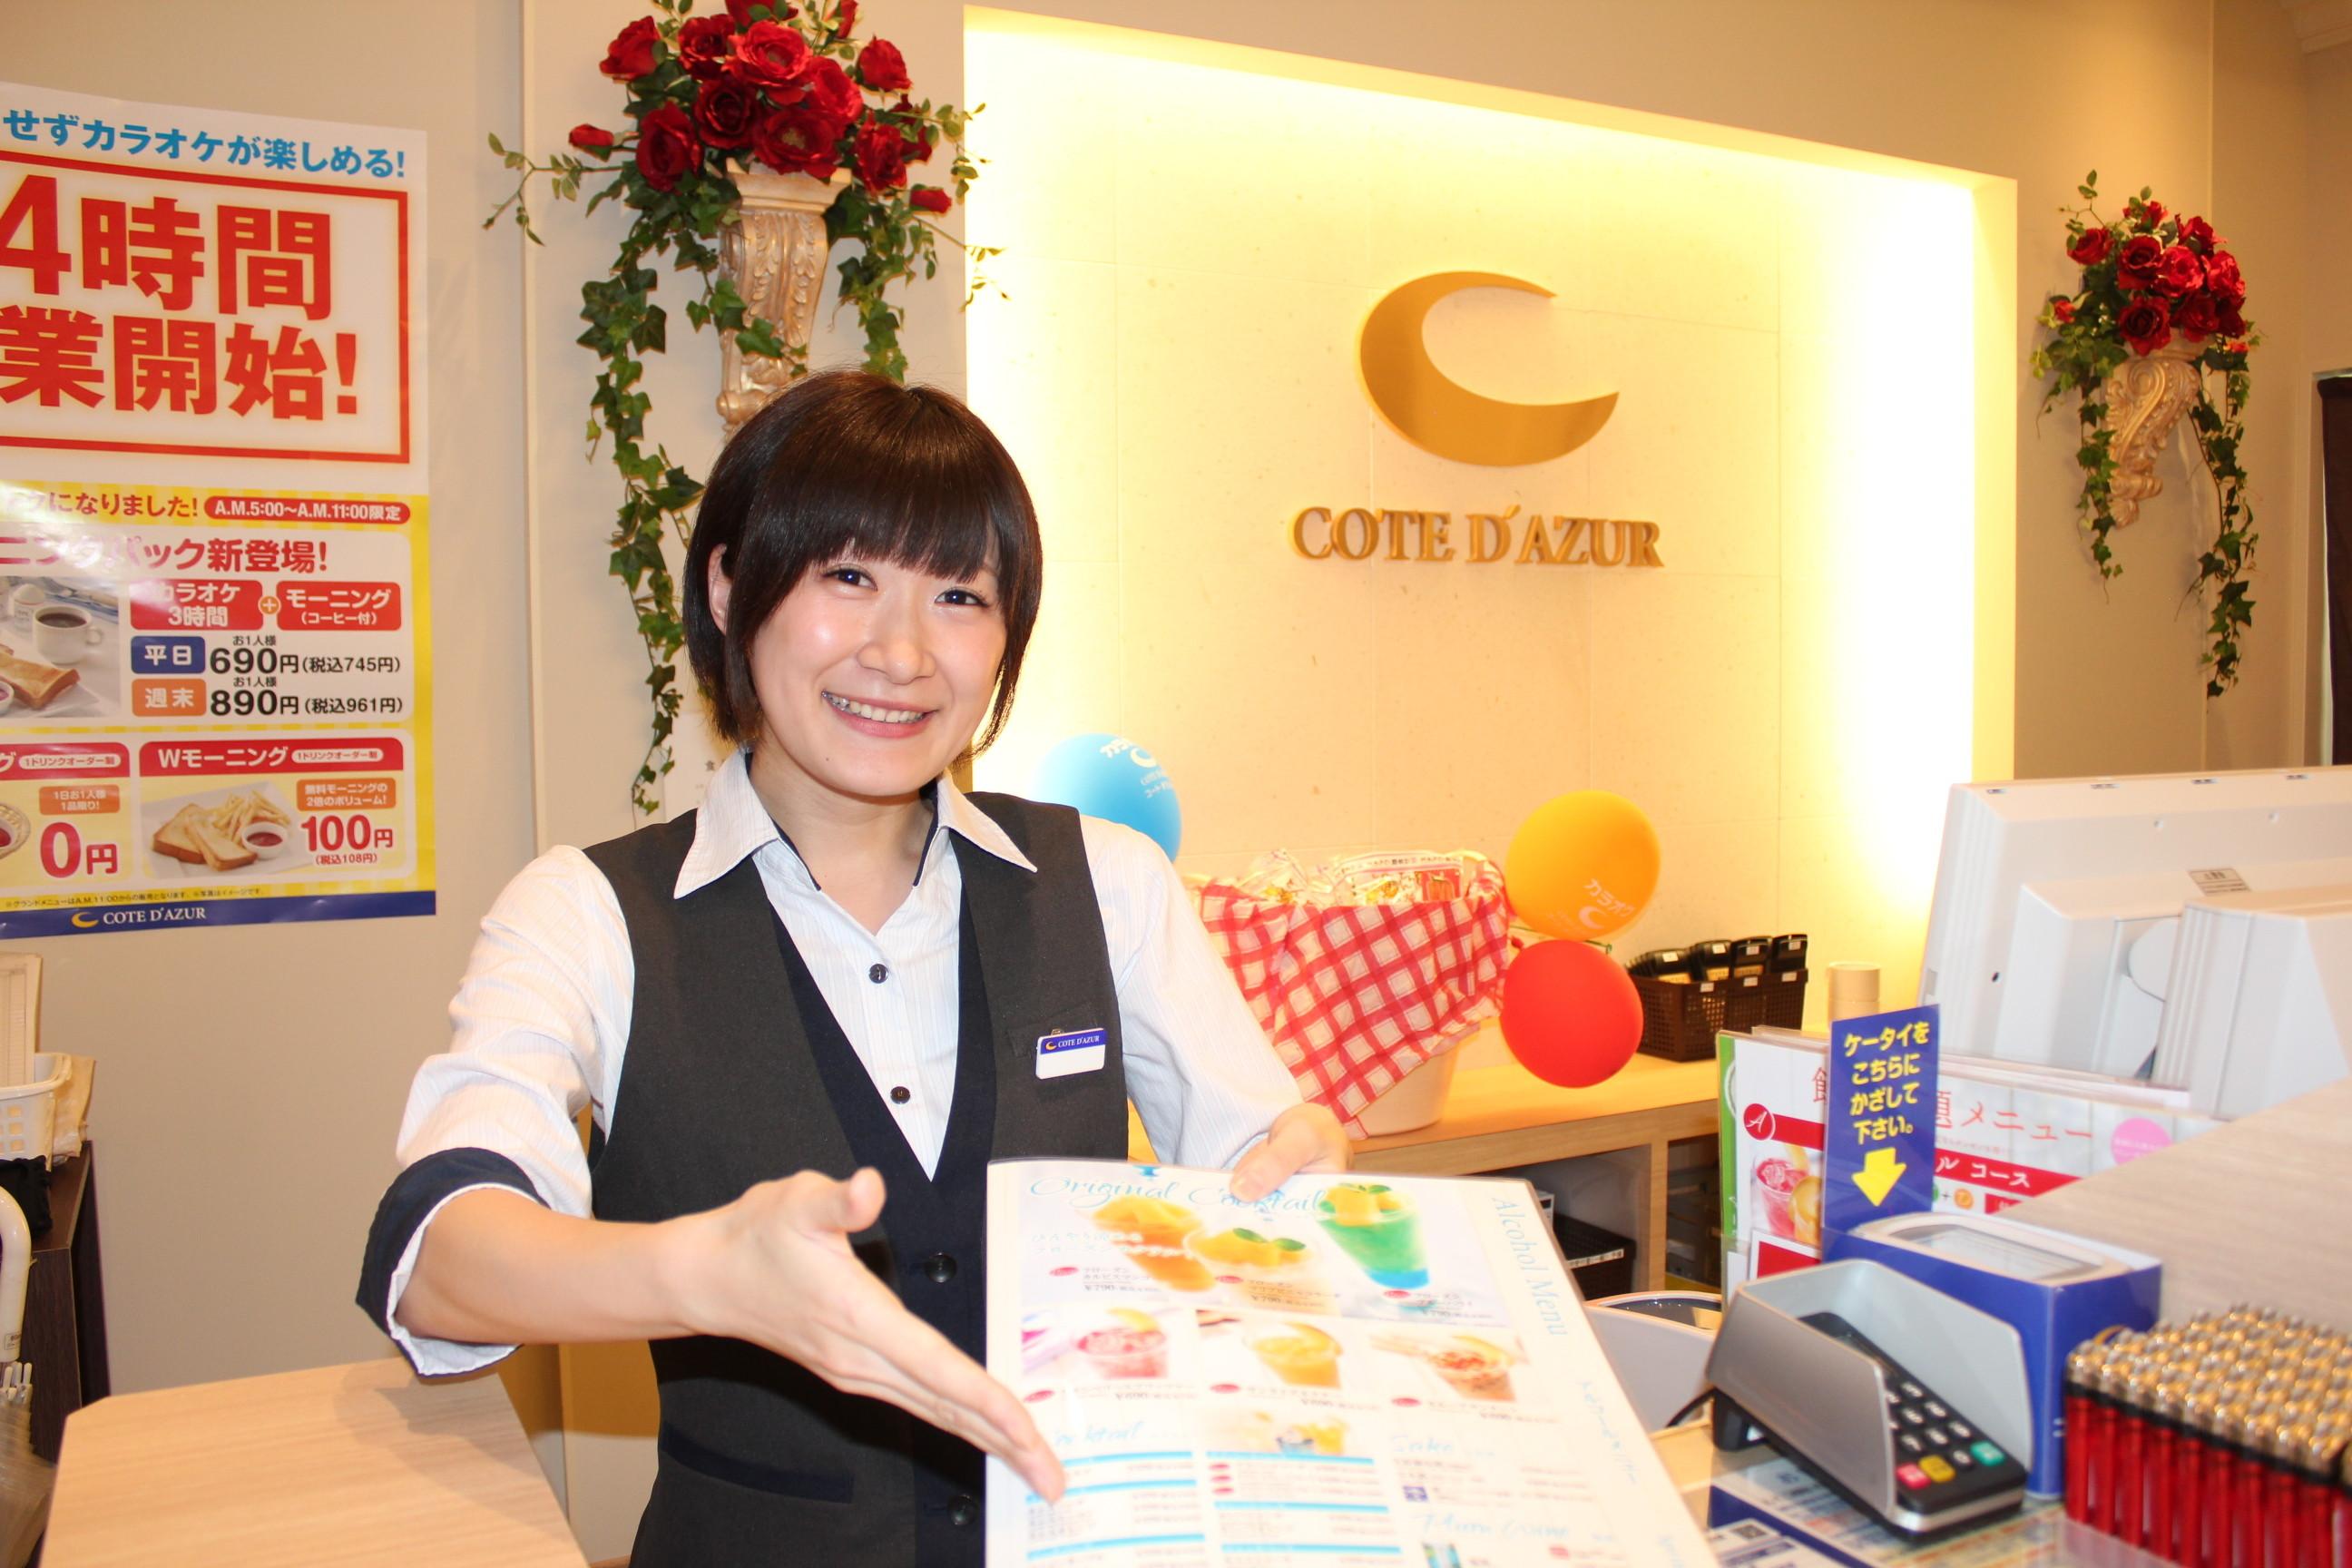 コート・ダジュール 浜松有楽街店 のアルバイト情報